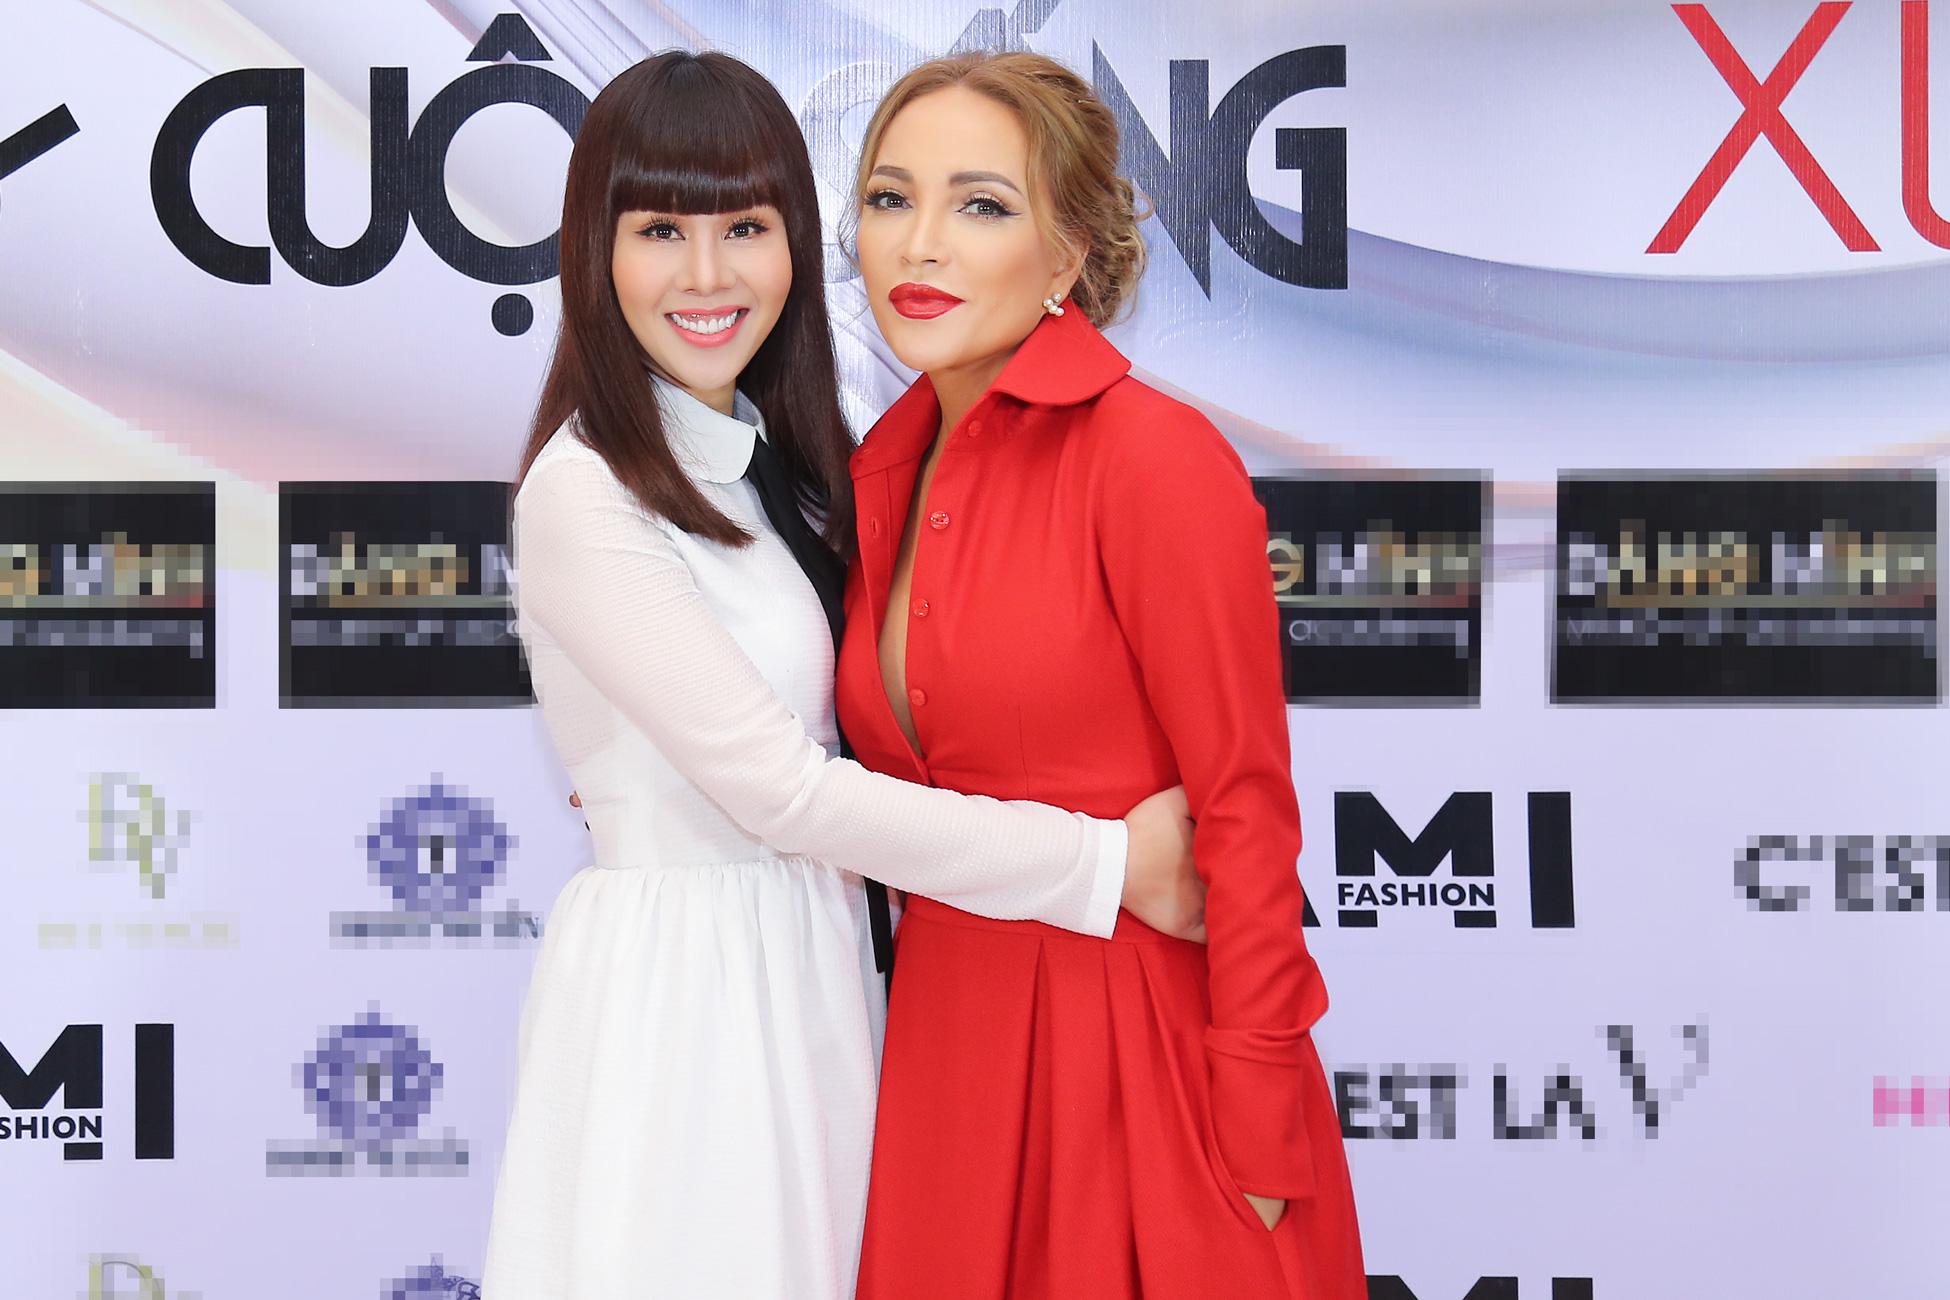 Ca sĩ Thanh Hà nắm tay hoa hậu Hằng Nguyễn trên sân khấu thời trang 1